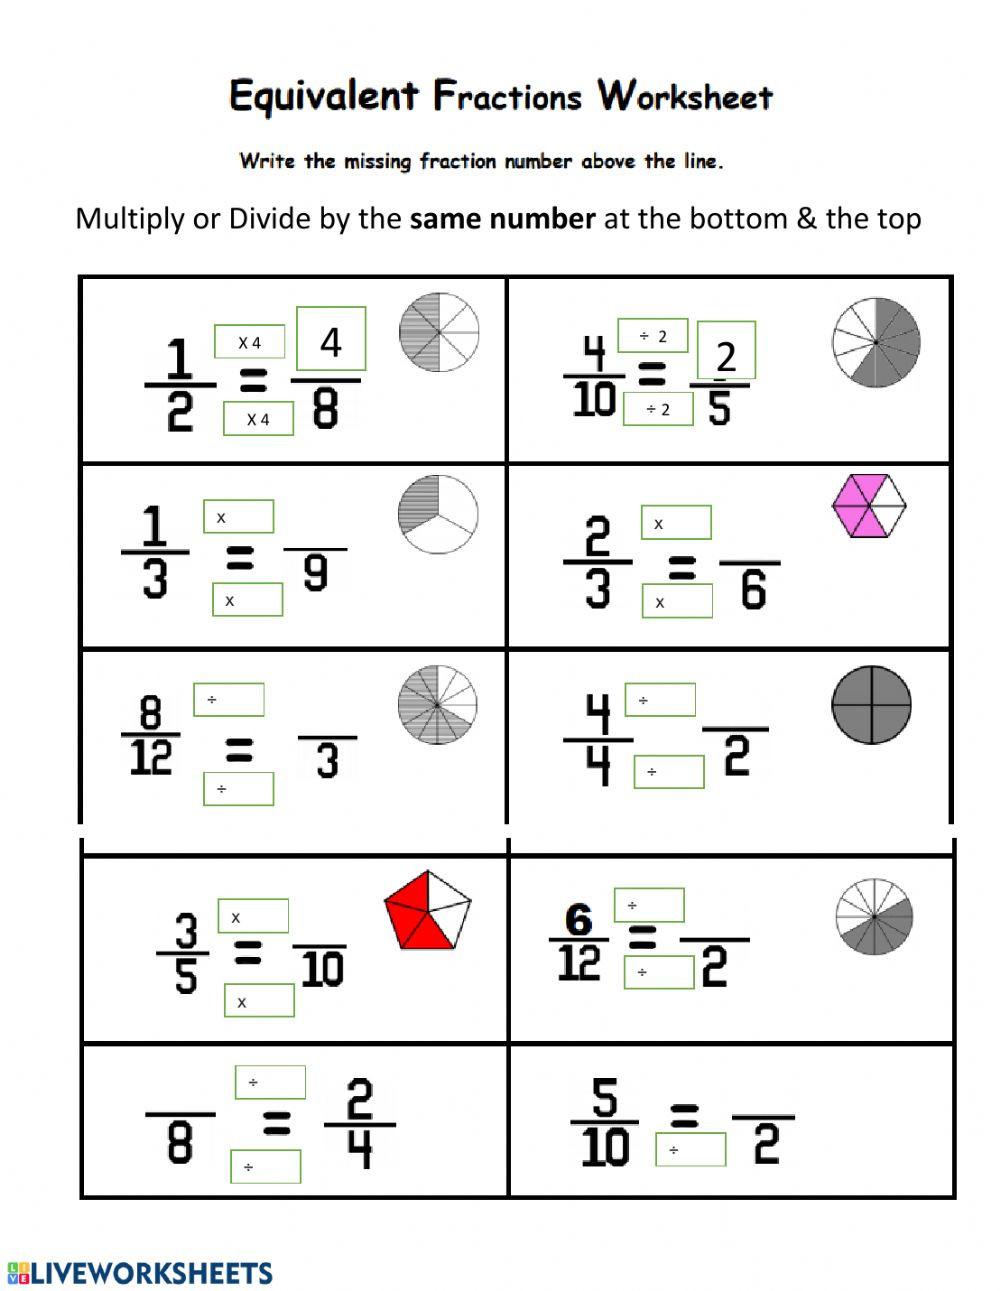 Equivalent Fractions Worksheet Pdf Equivalent Fractions Interactive Worksheet